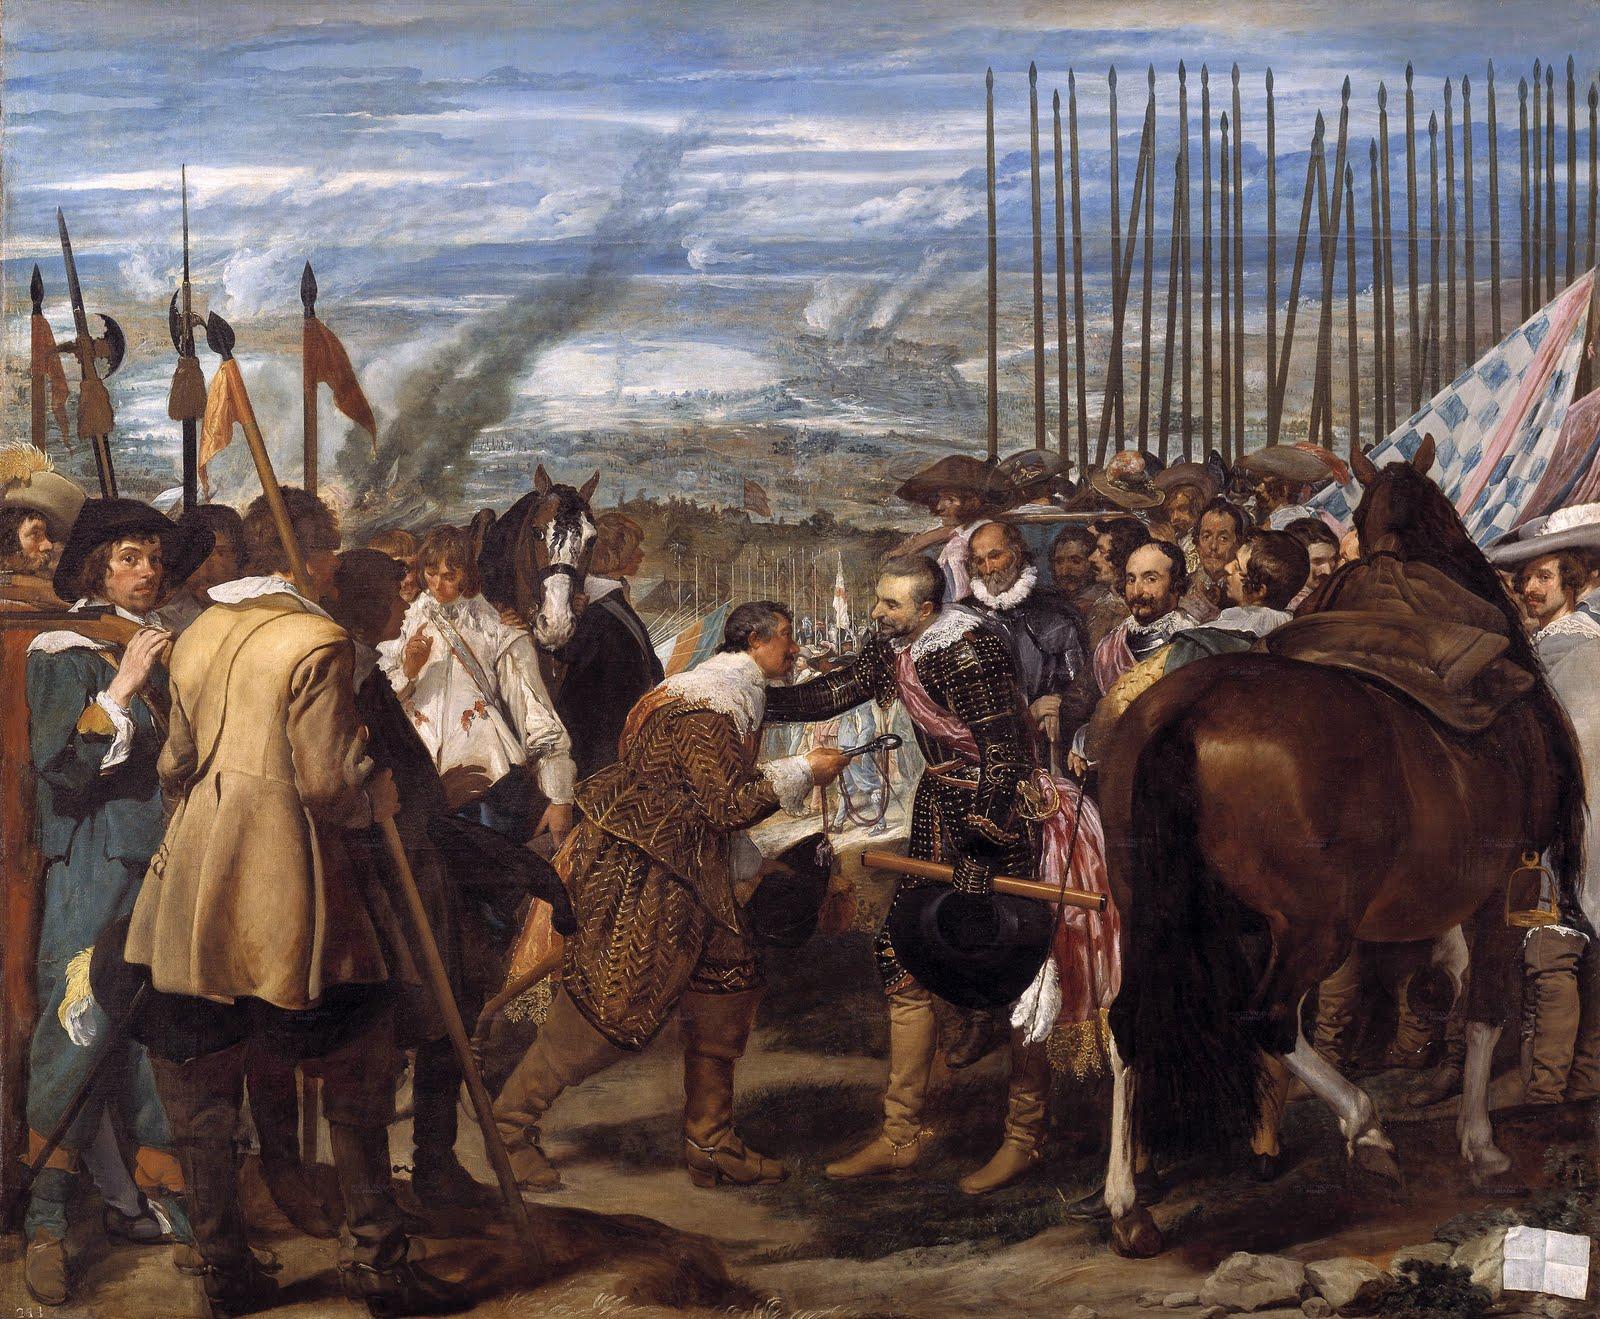 año 1600 hasta el año 1750 (aproximadamente) Surgido en Roma s. XVII Surge  porque la iglesia católica tuvo que reaccionar contra numerosos movimientos  ...